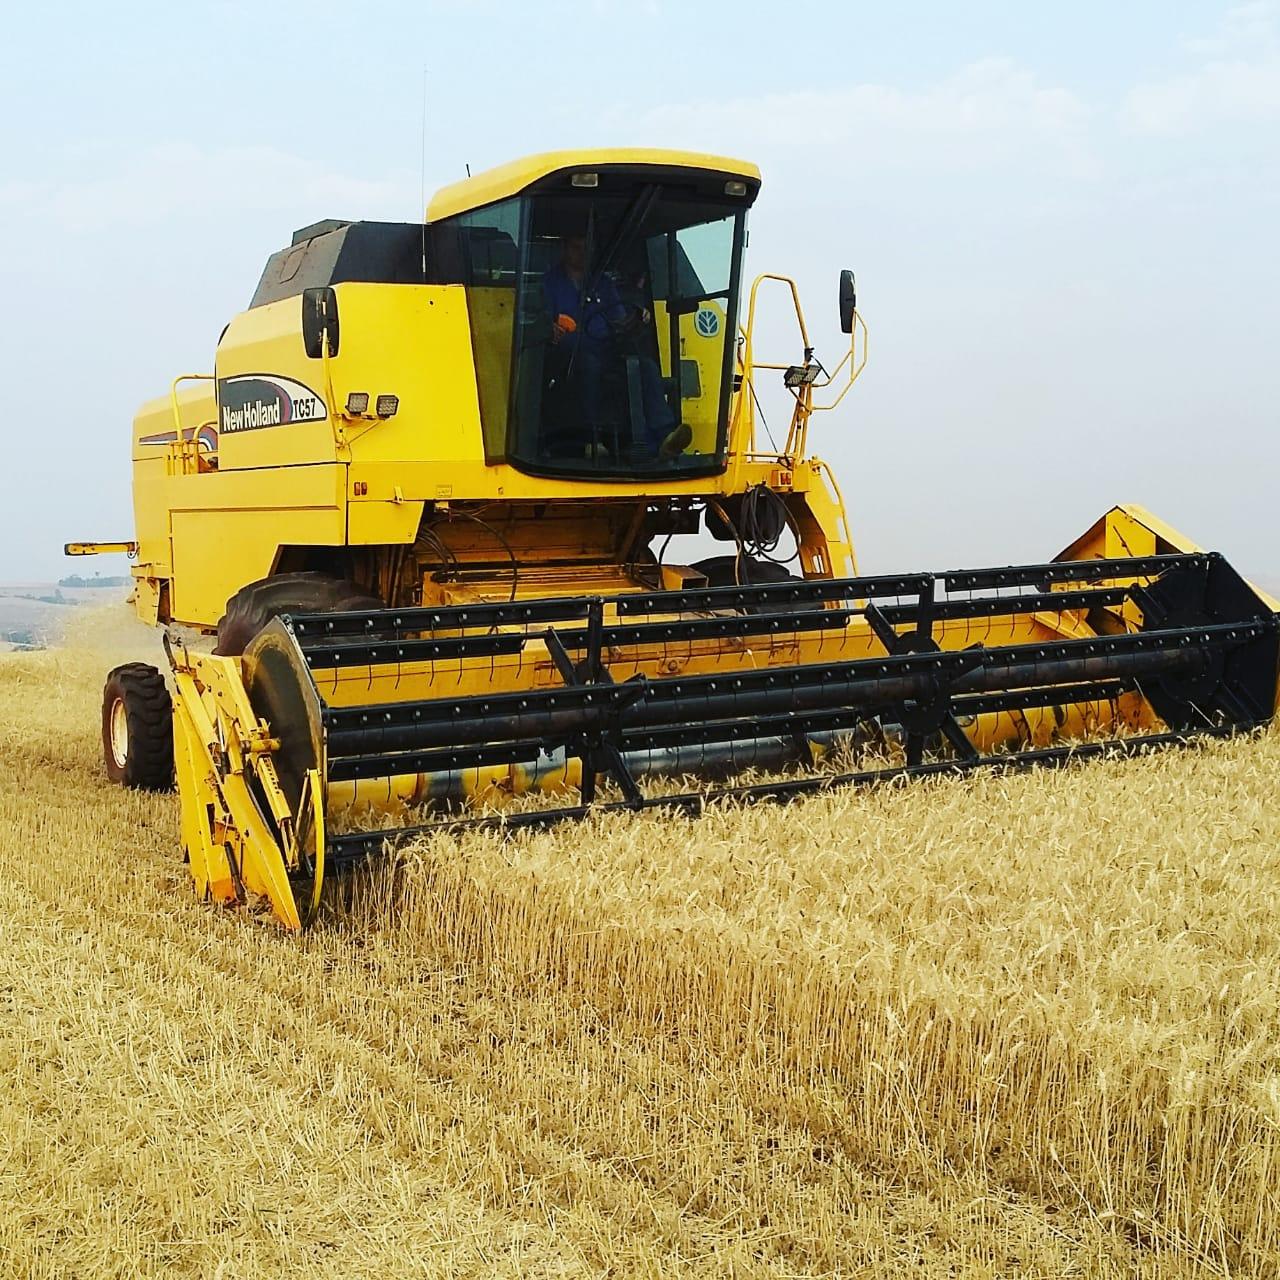 Final da colheita de trigo no Município de Nova Aurora (PR). Envio de David Clemente.